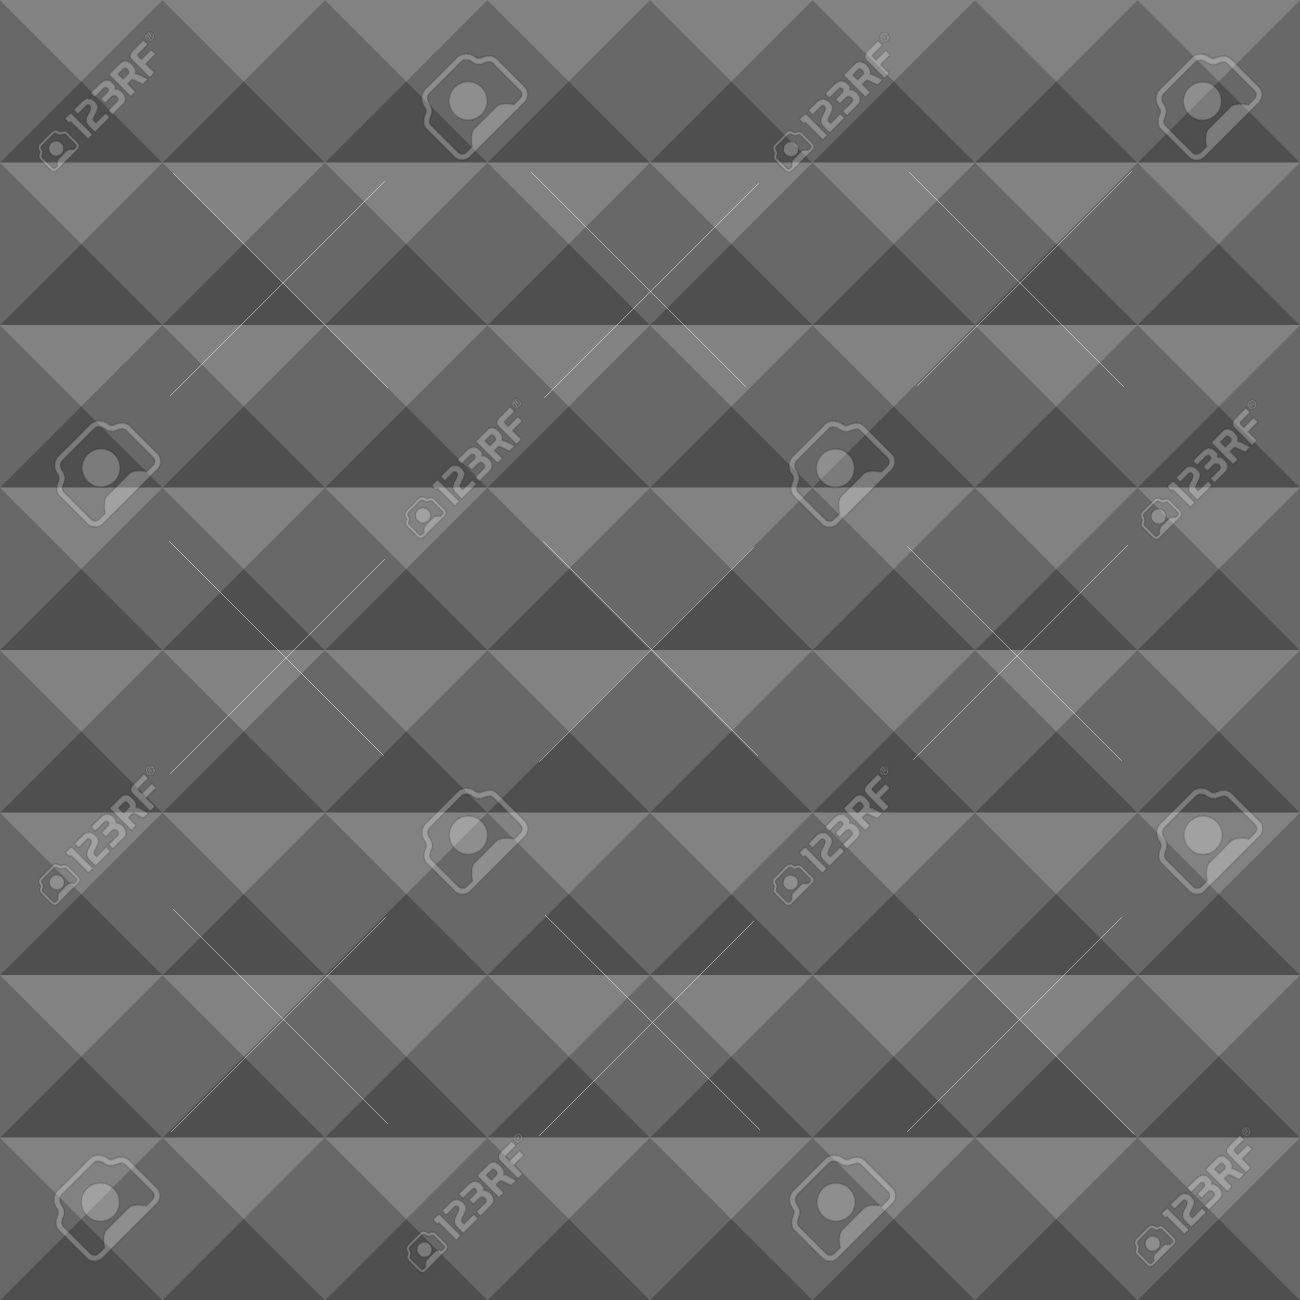 Inredning ljudisolering vägg : Akustisk Skum Vägg, Ljudisolering. Seamless Geometriska Mönster ...